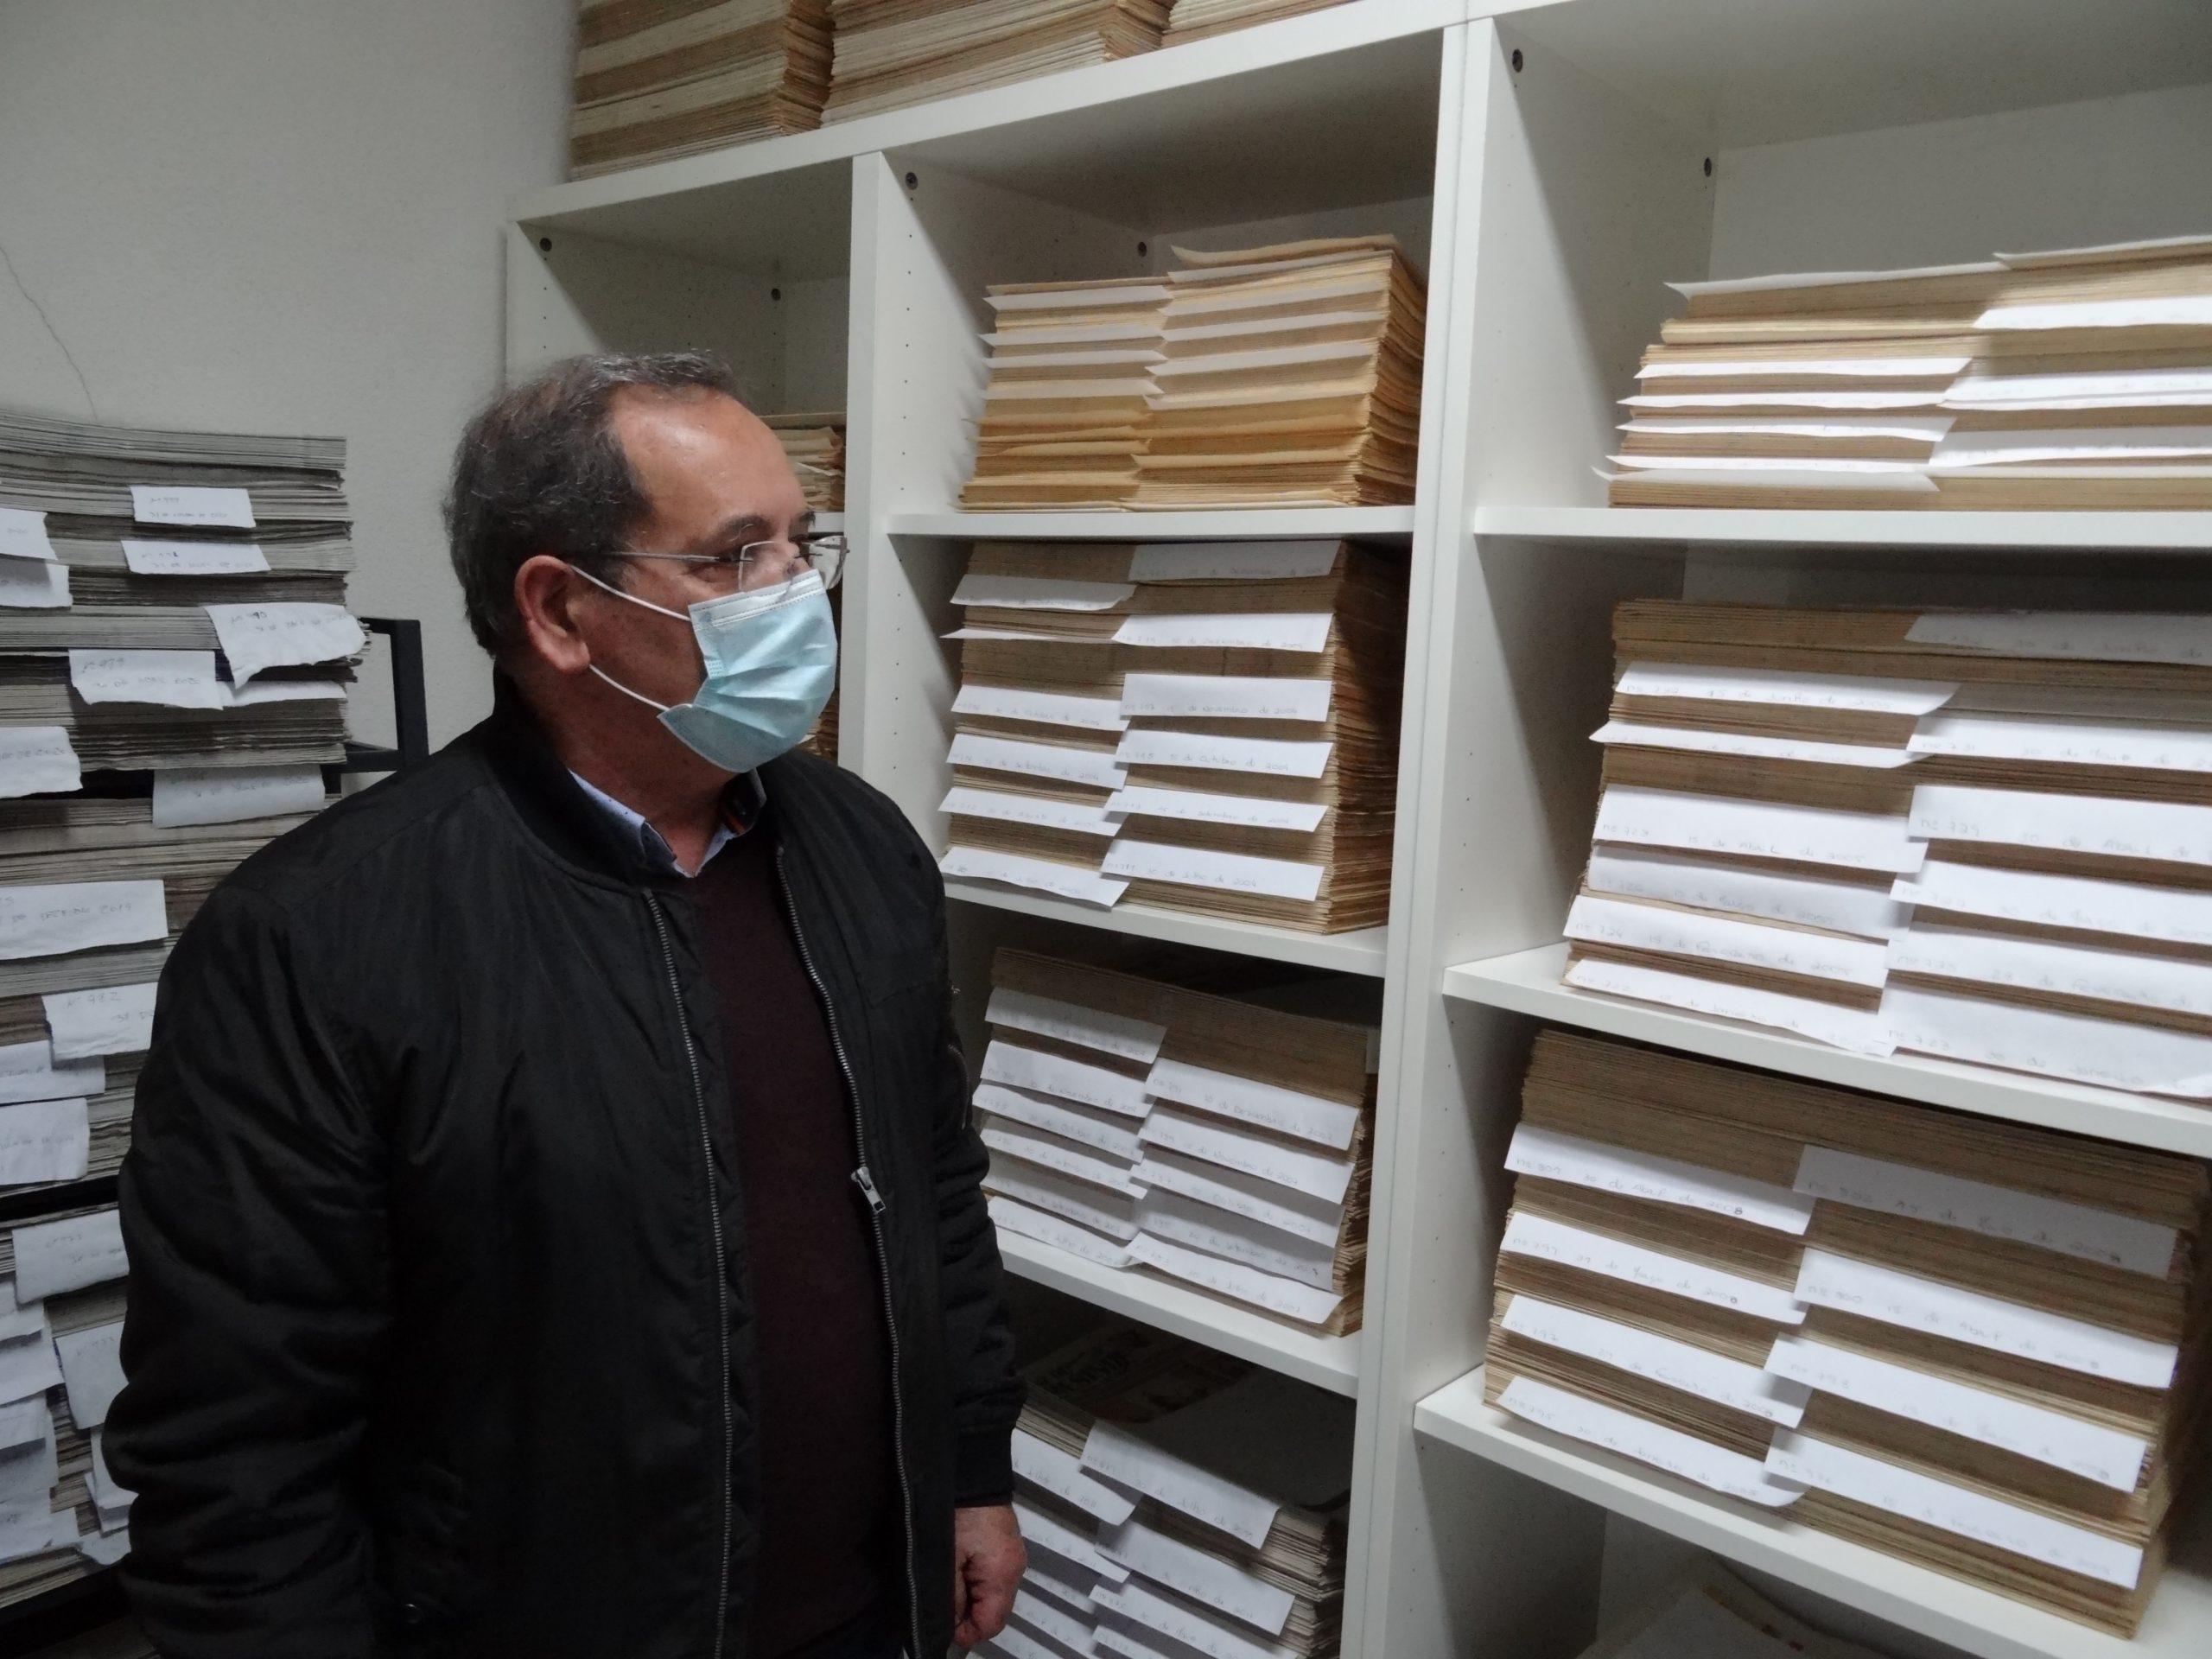 Manuel Augusto Dias na sala onde são guardadas as mil edições de A Voz de Ermesinde.